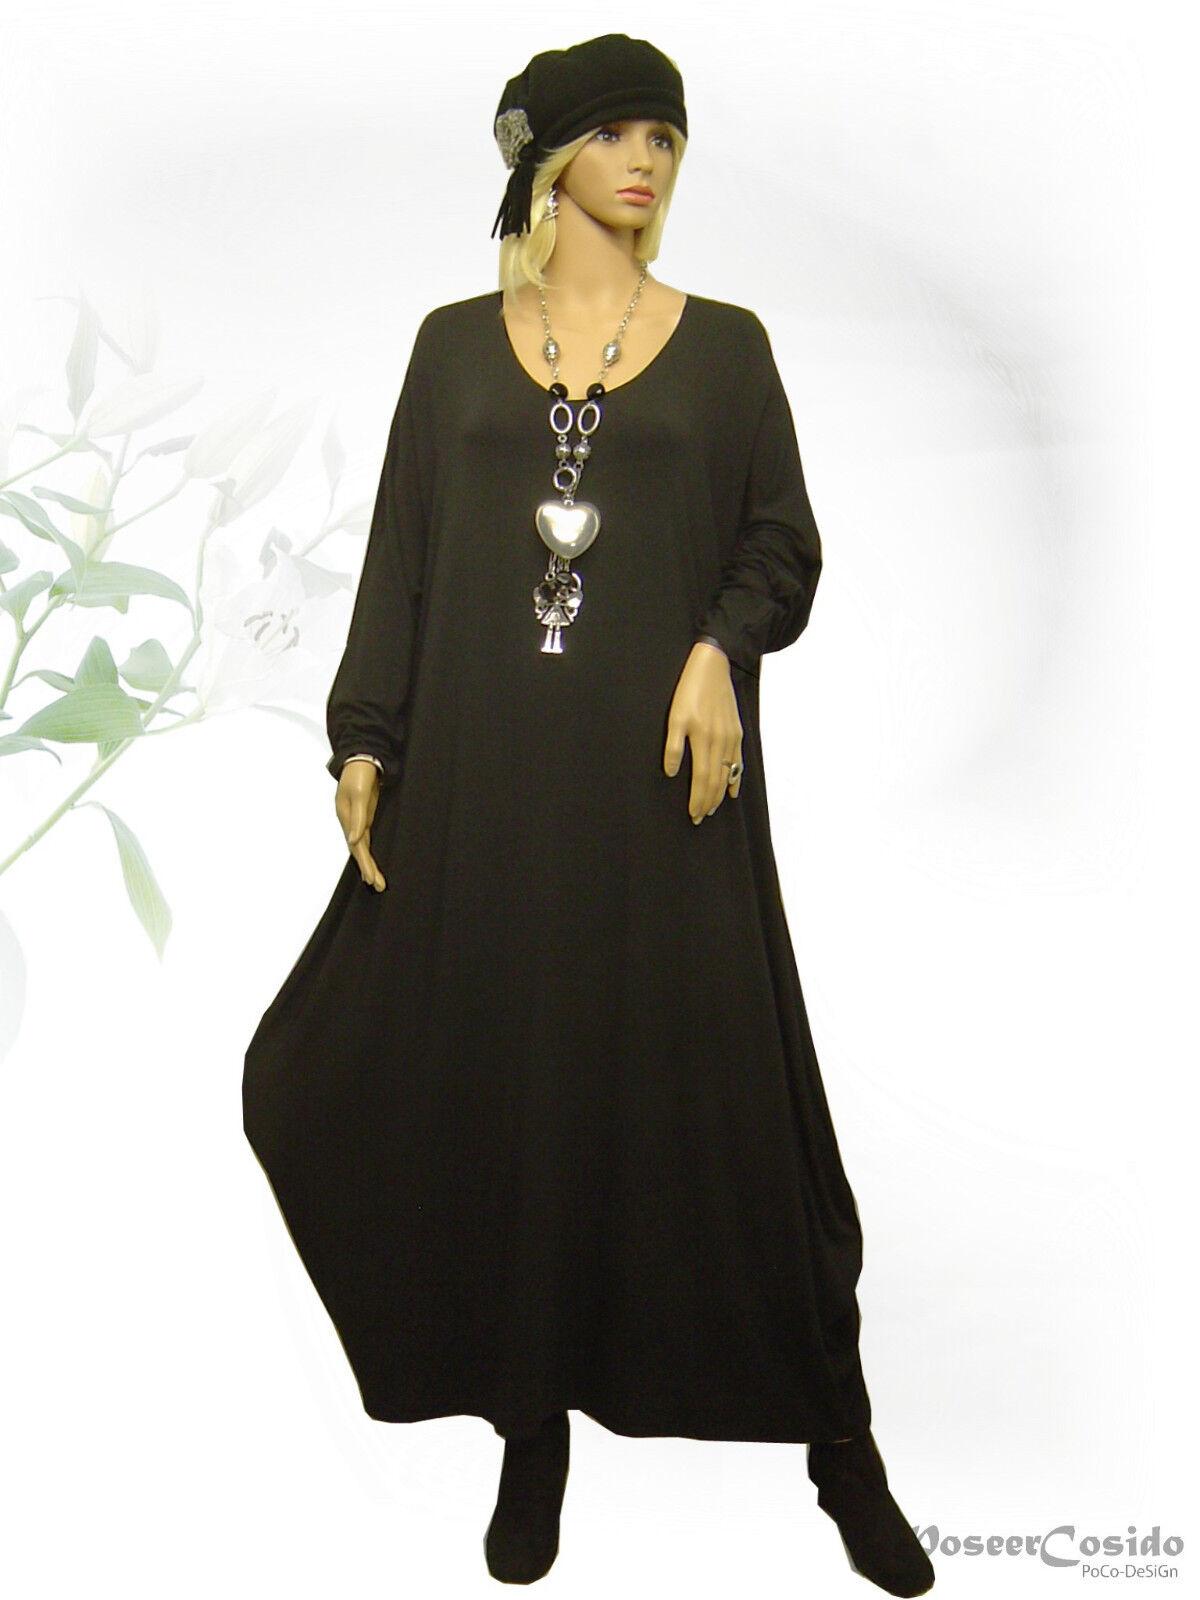 PoCo DeSiGn LAGENLOOK Ballon-Kleid schwarz 44 46 48 50 52 54 56 58 L-XL-XXL-XXXL